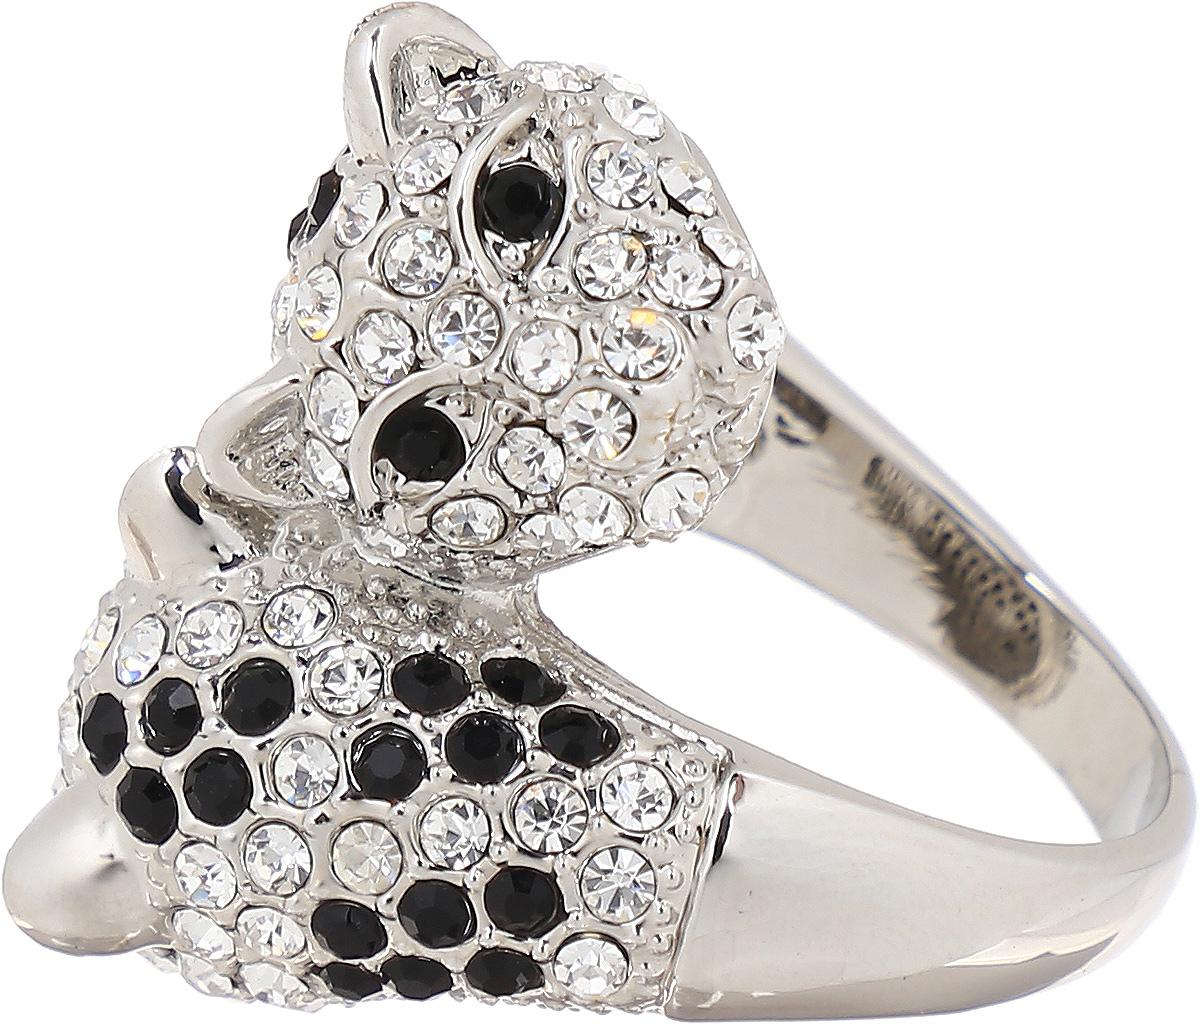 Кольцо Taya, цвет: серебристый. T-B-8106. Размер 18Брошь-кулонСтильное кольцо Taya выполнено в виде двух голов хищных кошек из металлического сплава, которые оформлены стразами.Оригинальное кольцо Taya превосходно дополнит ваш образ и подчеркнет отменное чувство стиля своей обладательницы.